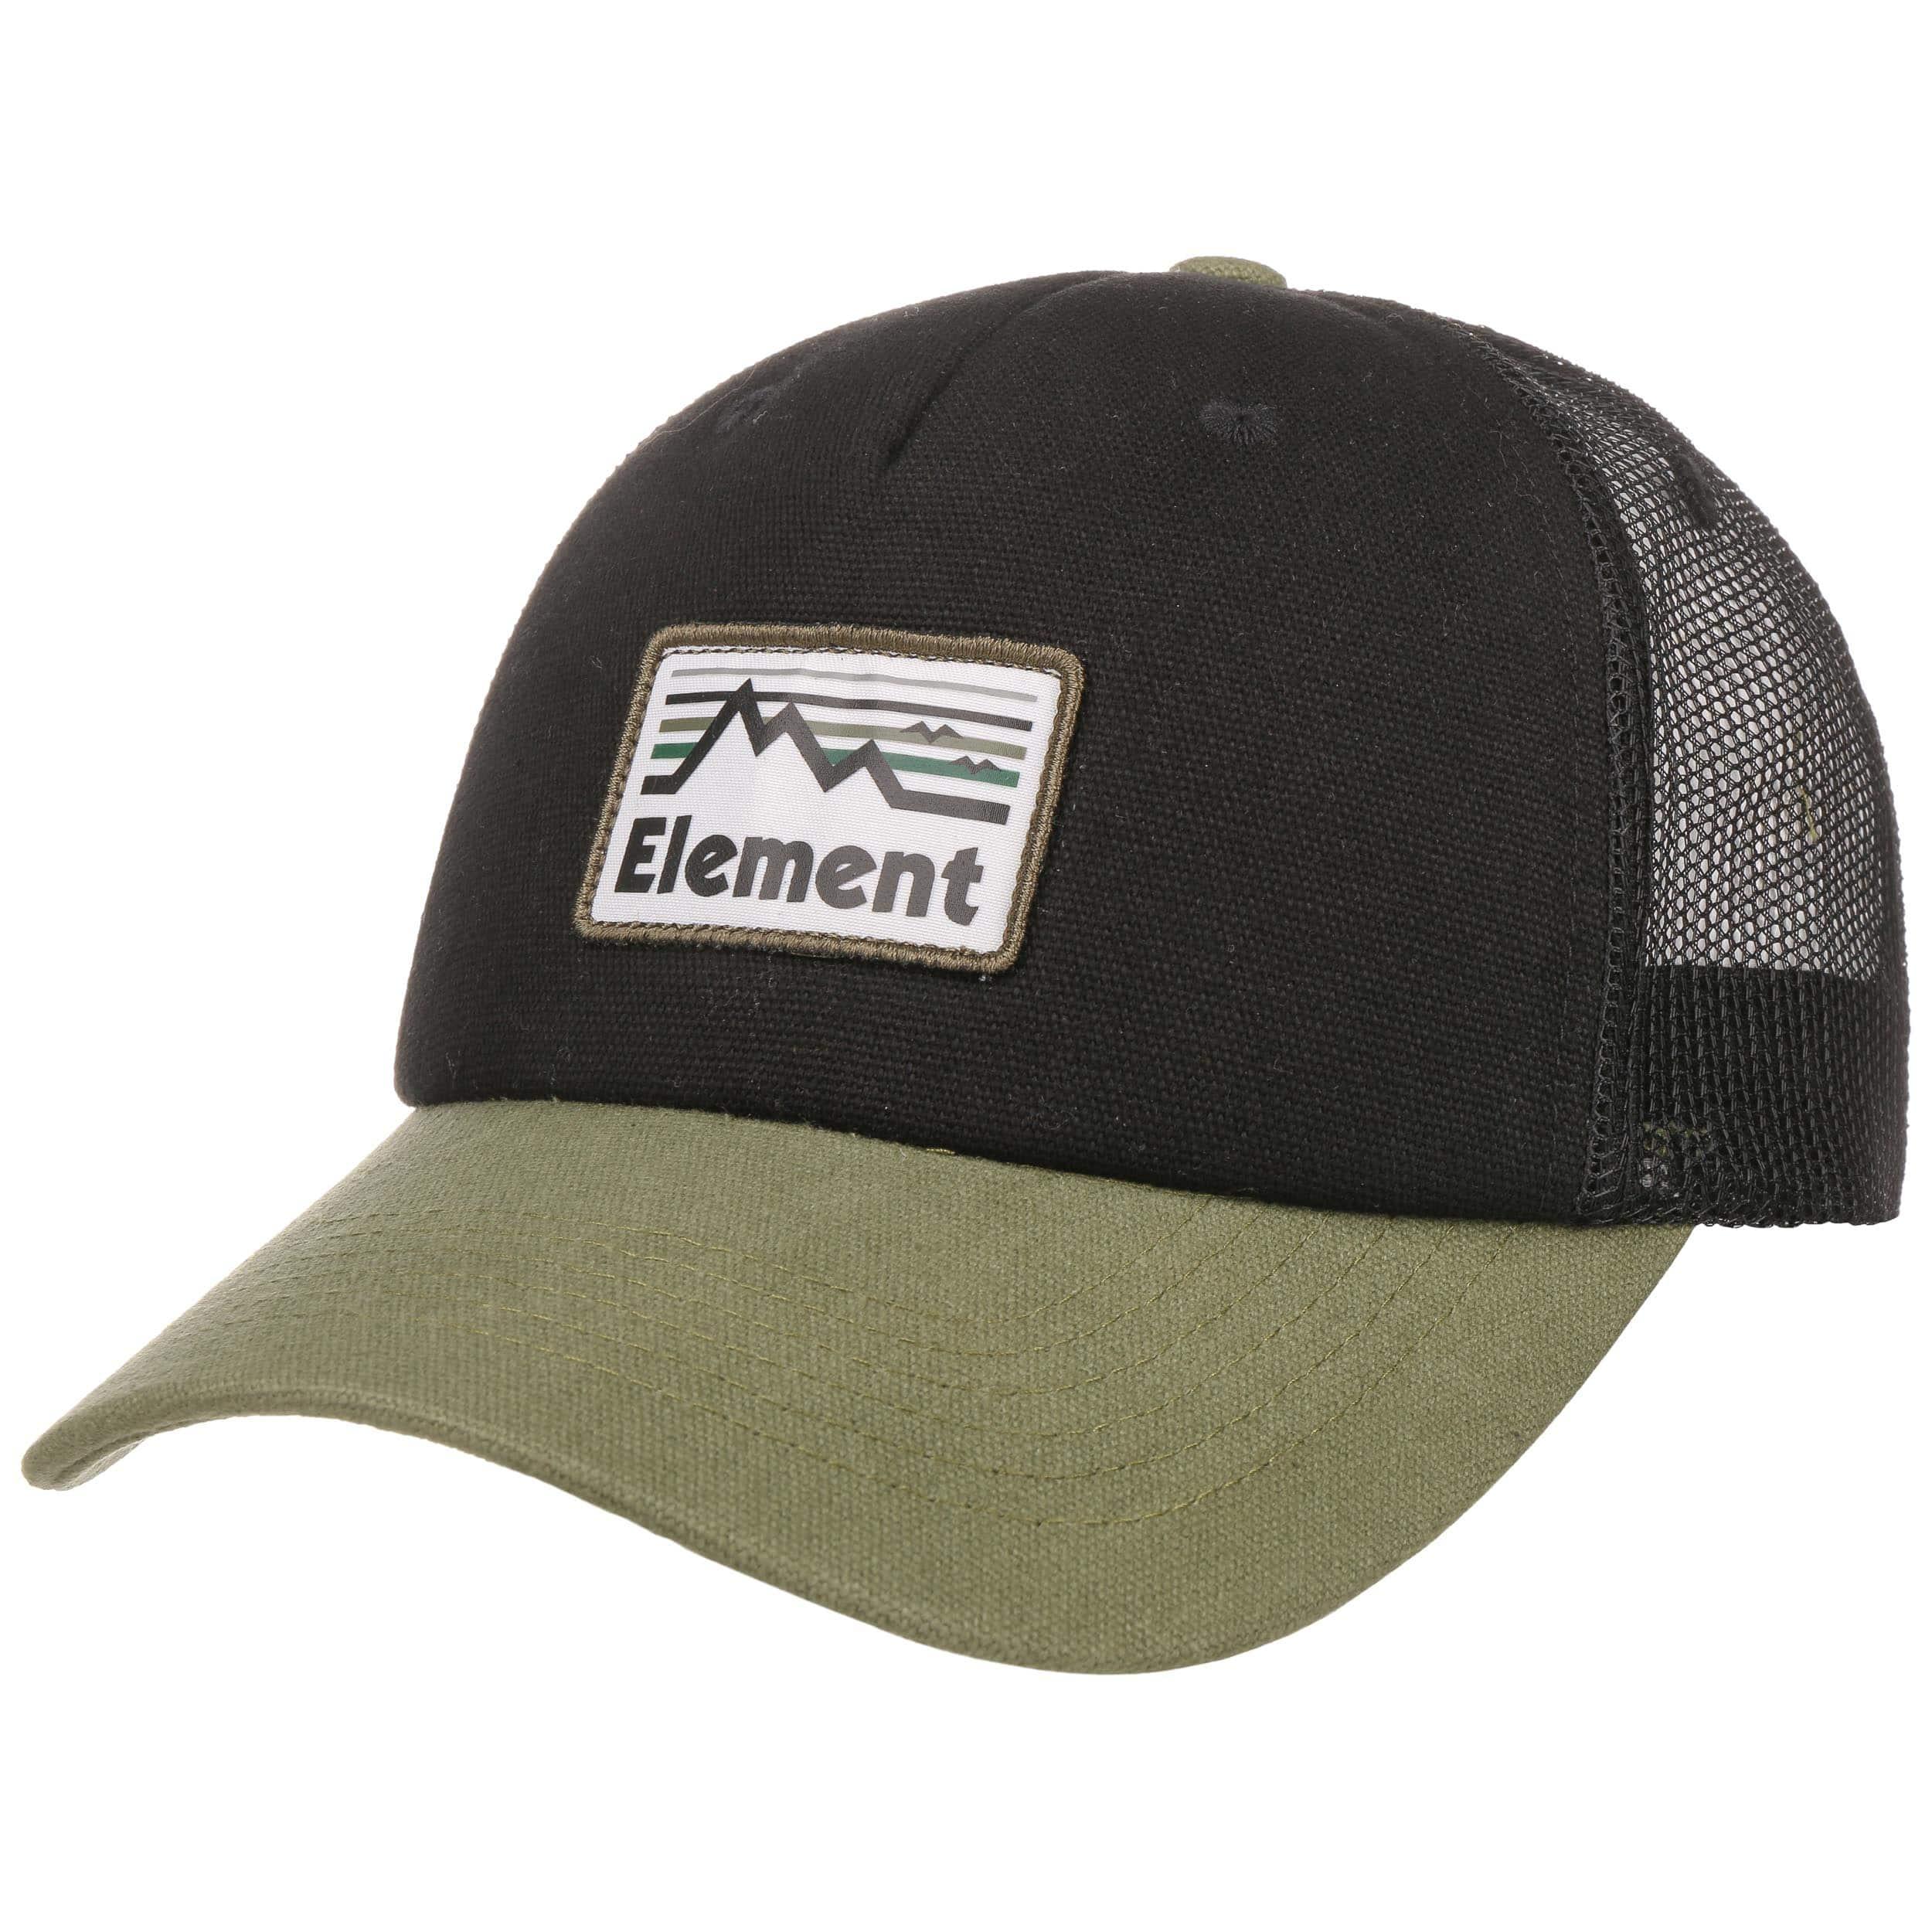 ... Icon Mesh Trucker Cap by element - olive 6 ... 3de5d932368